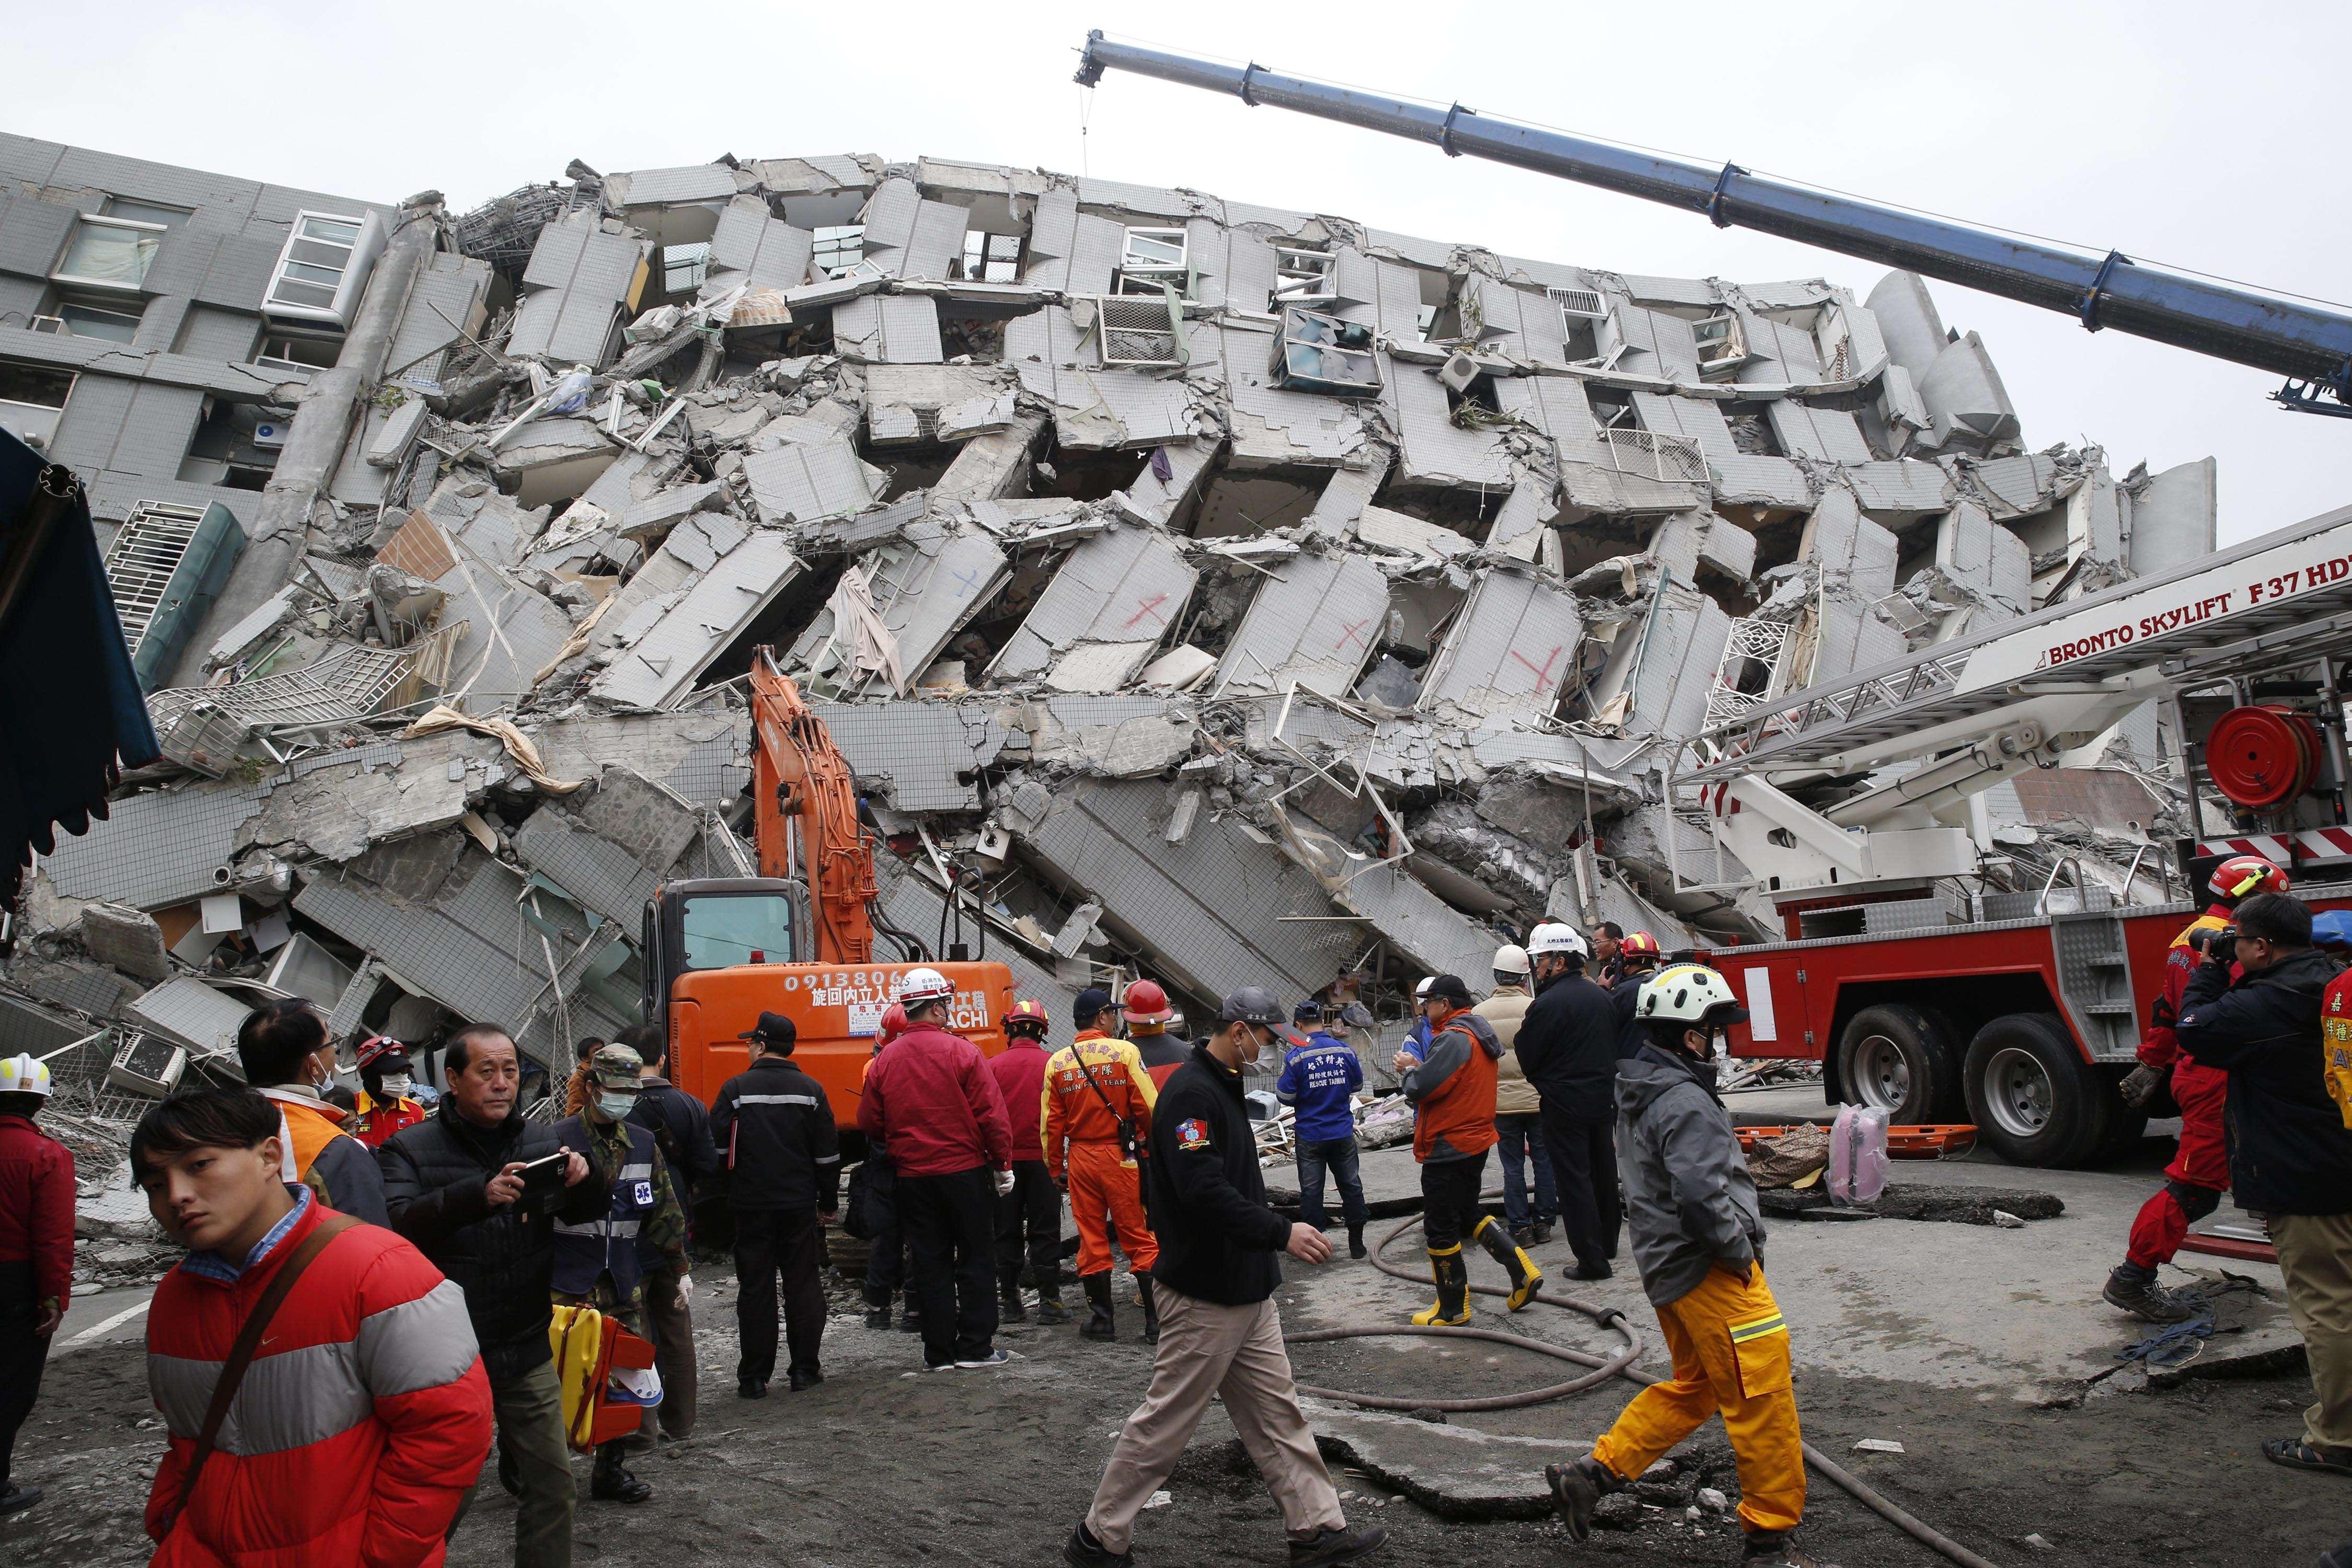 Les recherches se poursuivent dans les décombres, notamment autour d'un immeuble de seize étages, où au moins trente personnes seraient toujours prisonnières de l'amas de béton.